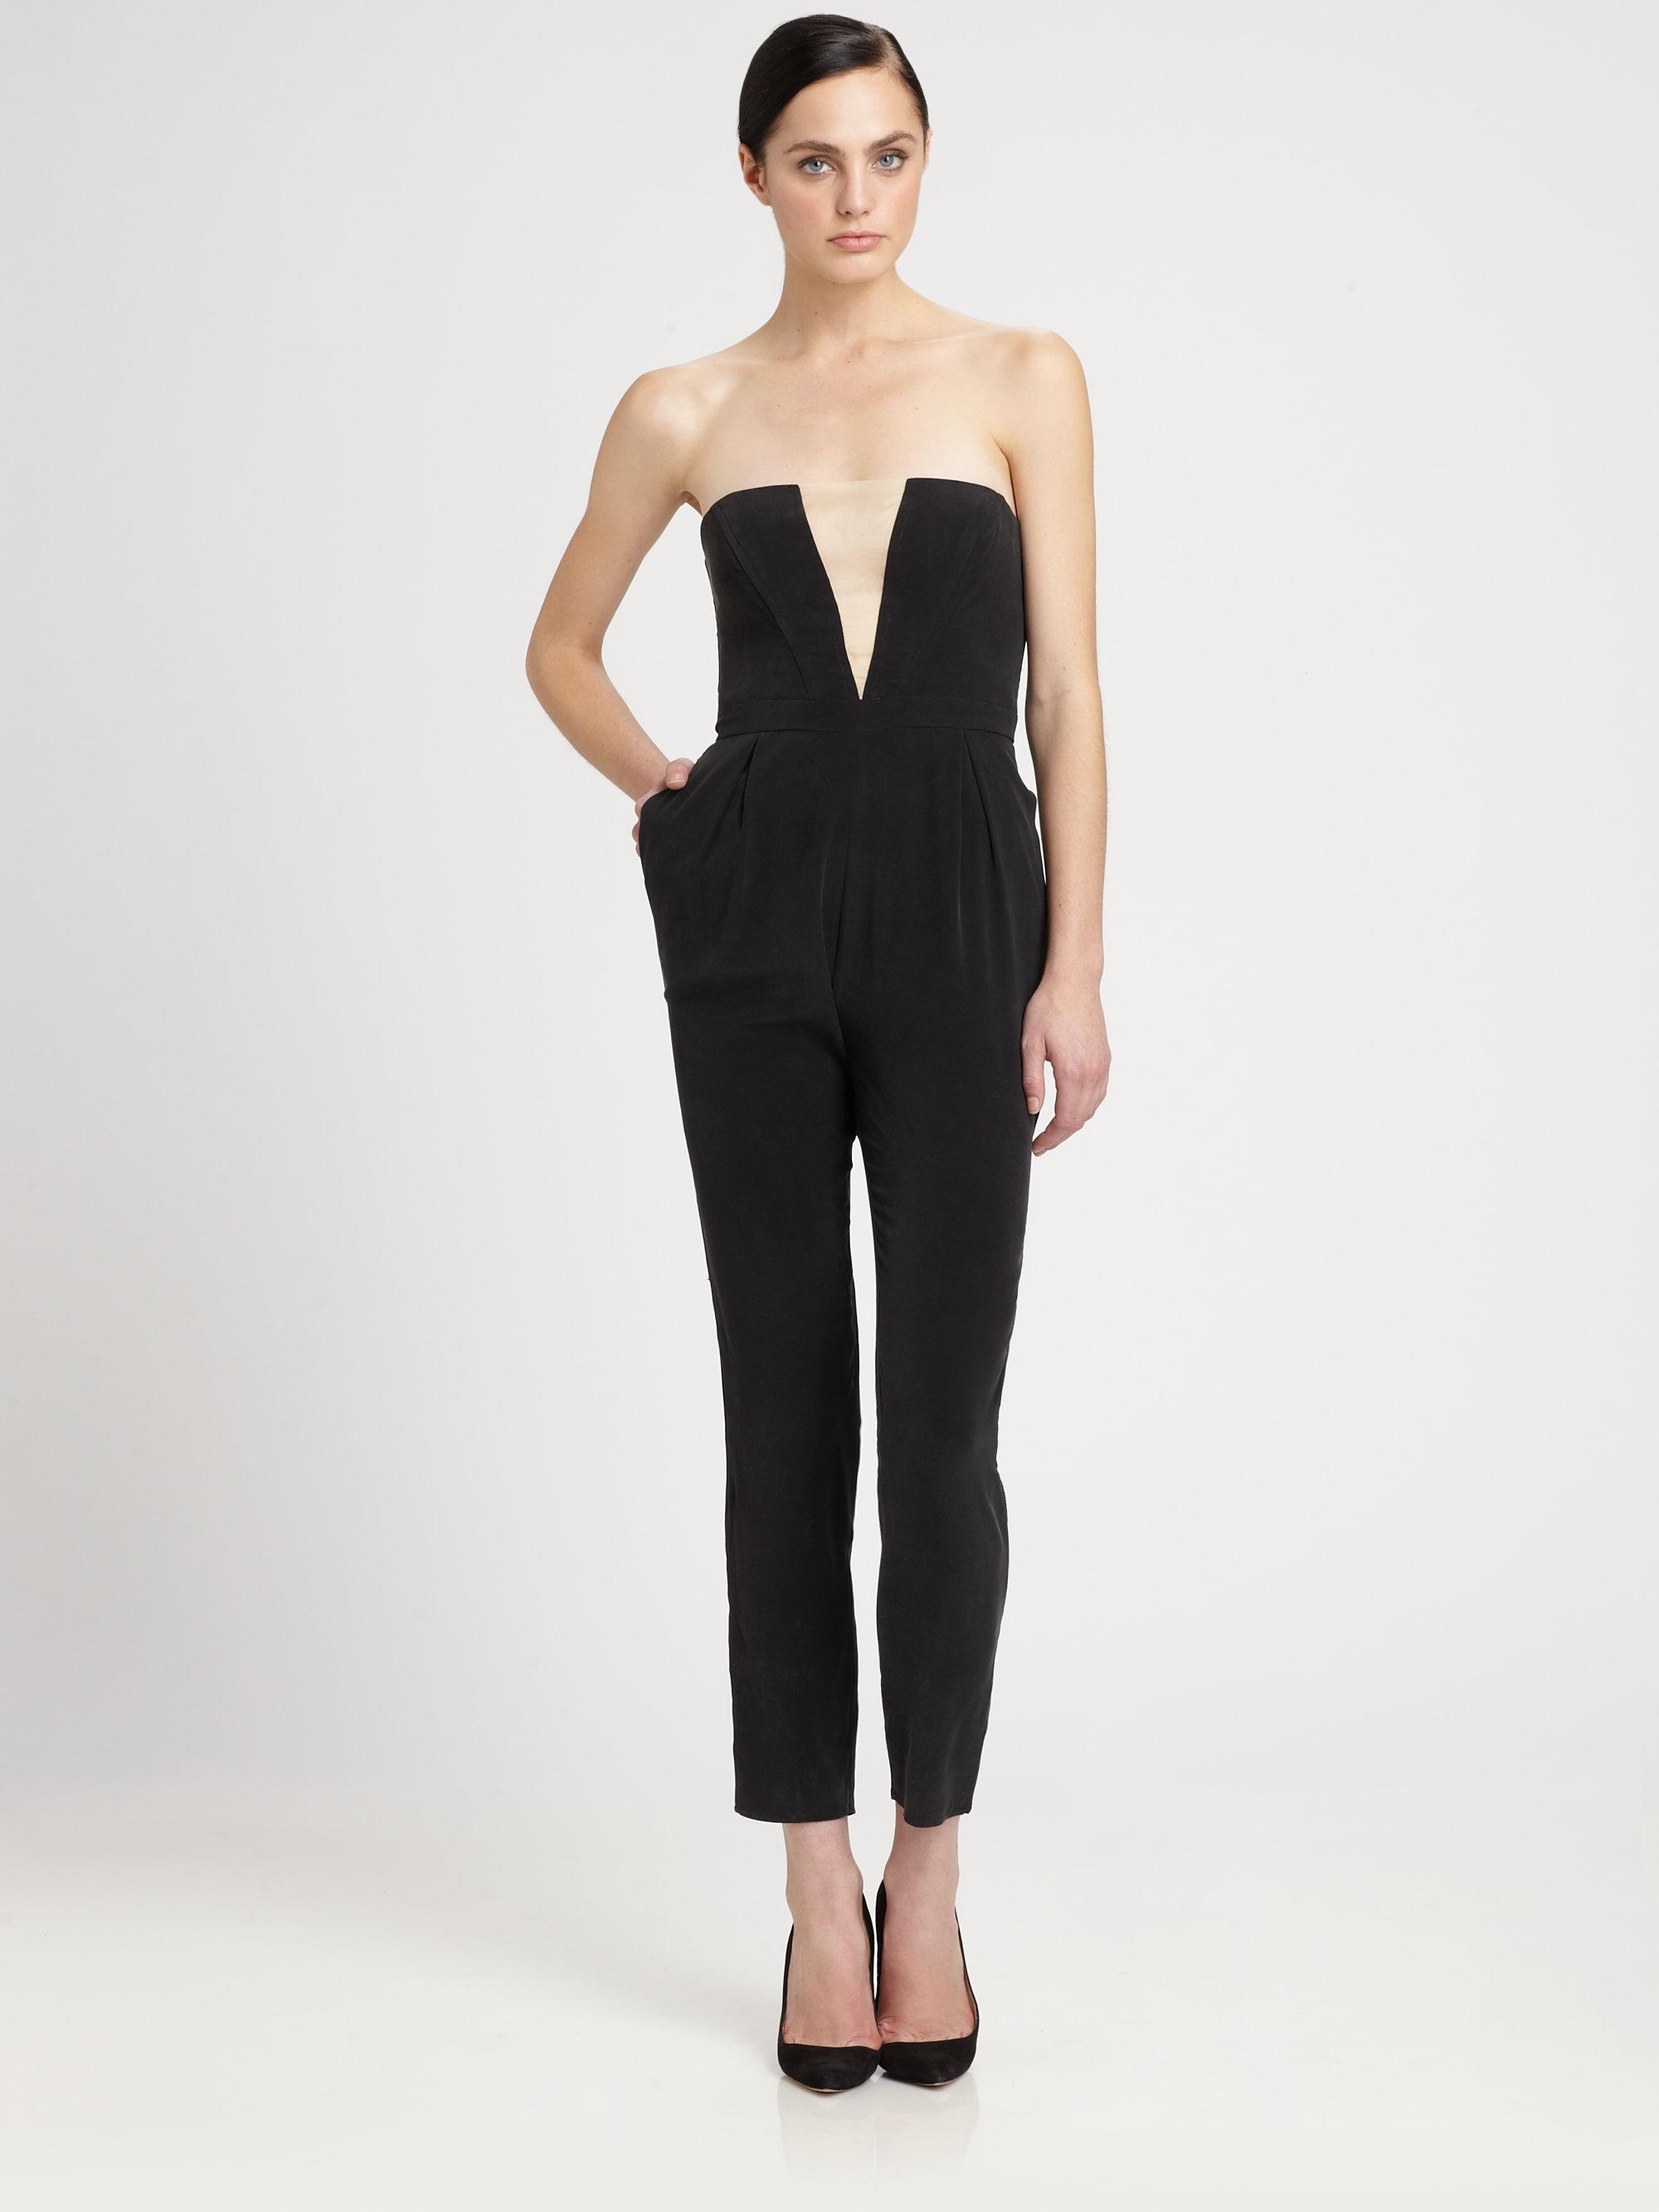 Zimmermann Silk Illusion Strapless Jumpsuit in Black | Lyst